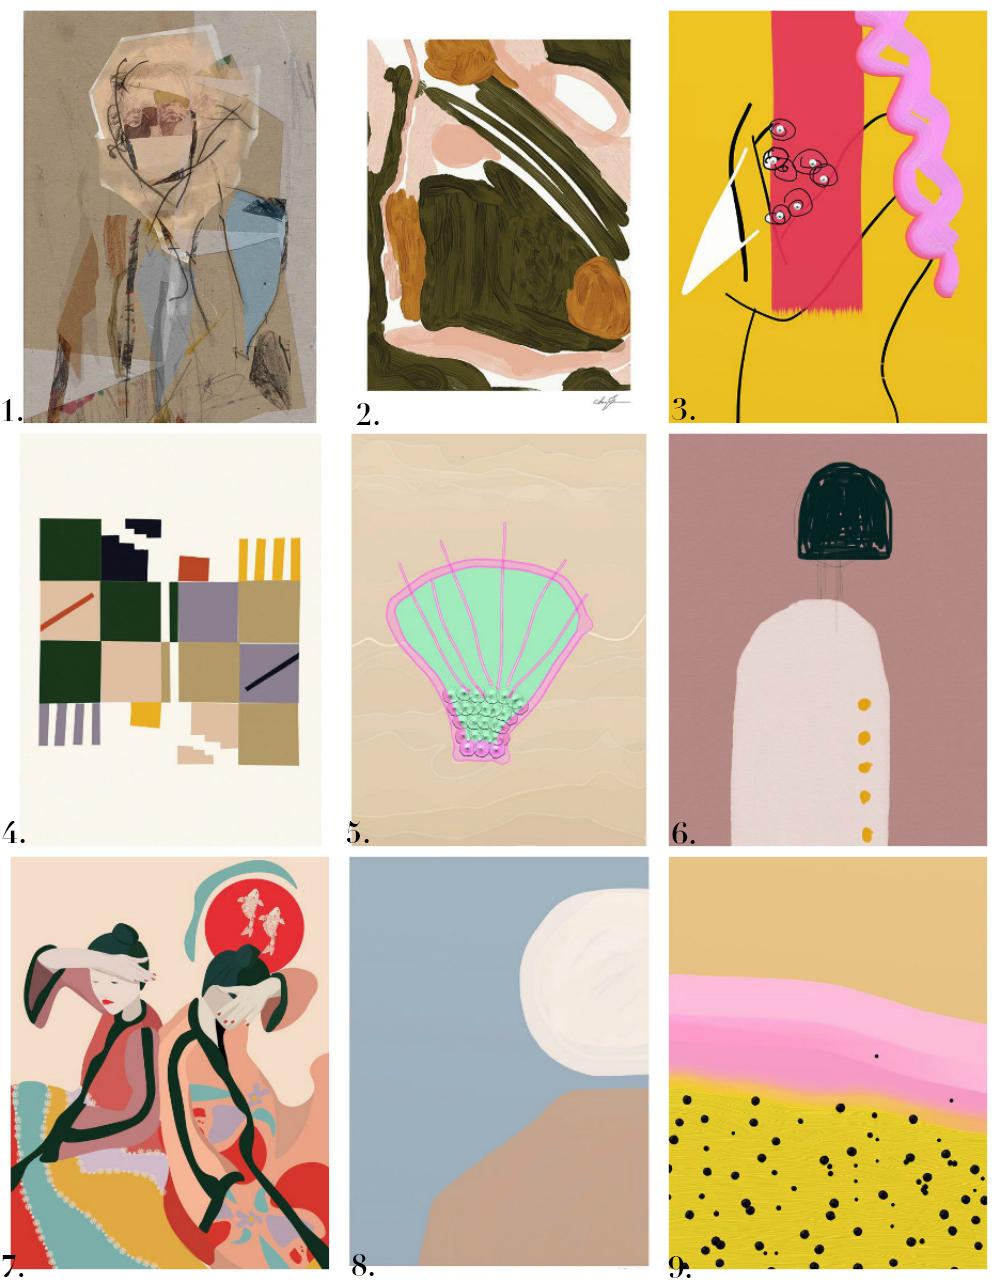 kunstneristiske plakater